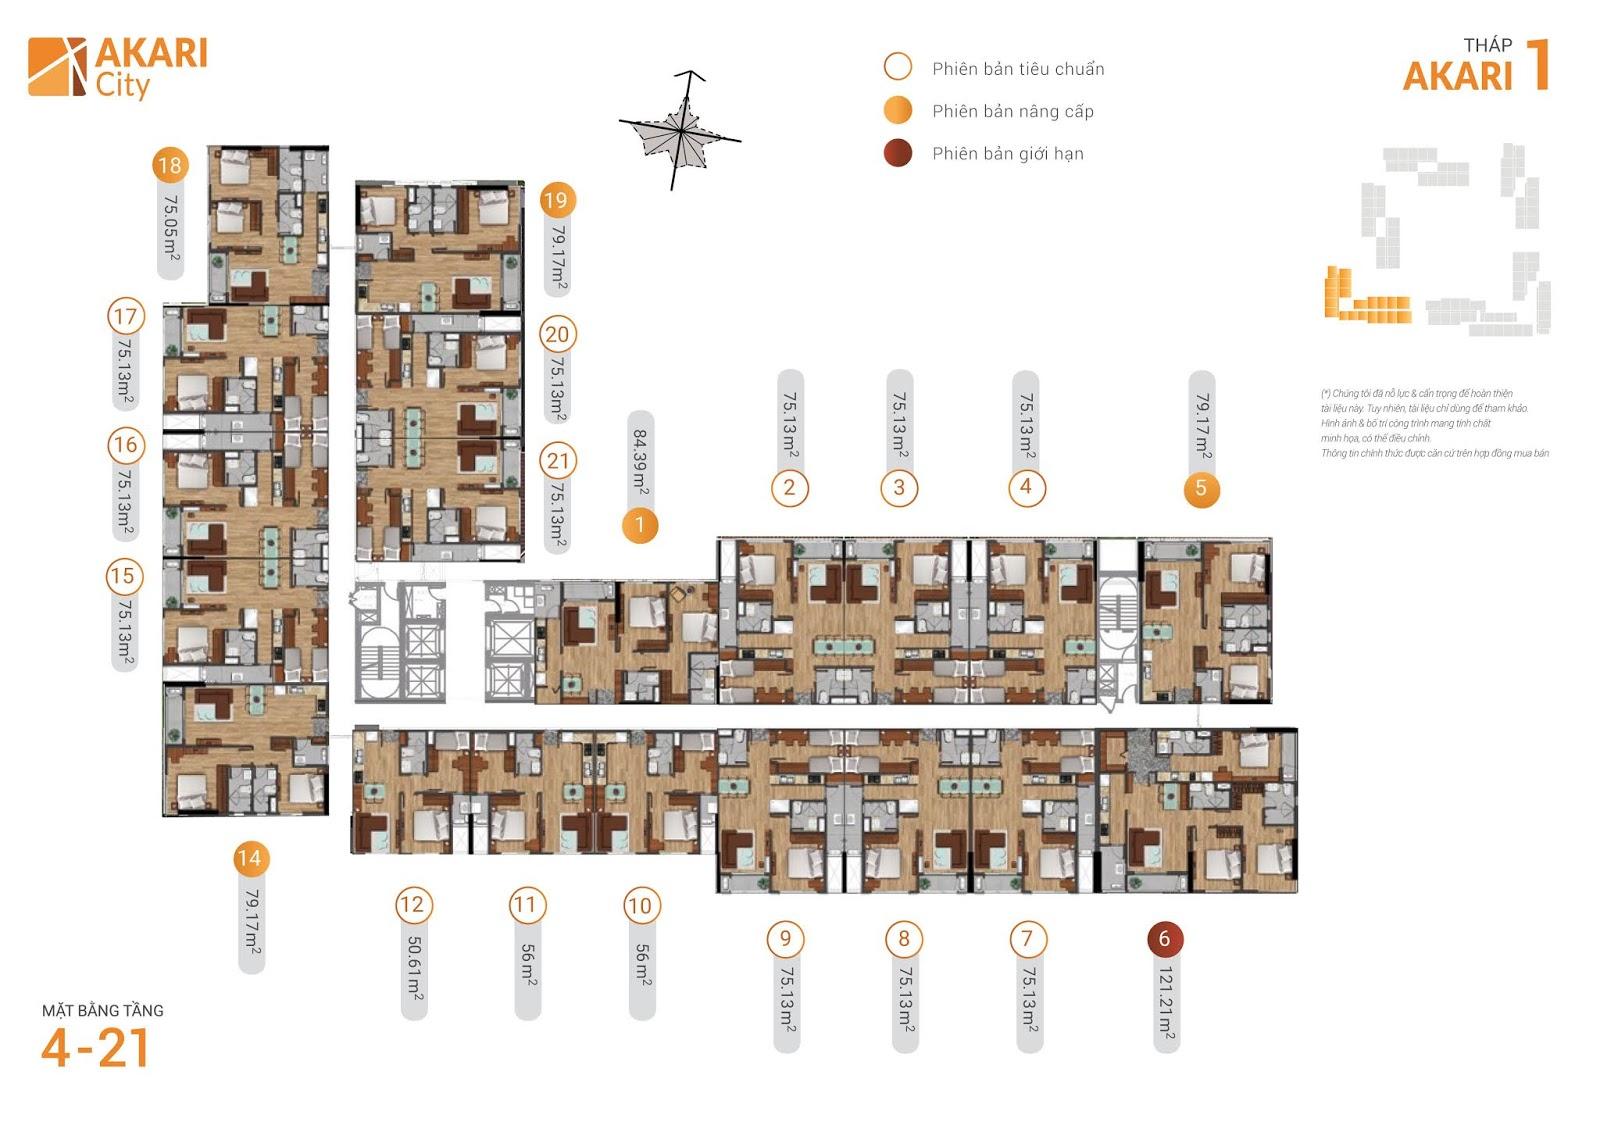 Mặt bằng Block Akari 1 - Tầng 4-21 - Khu đô thị Akari City